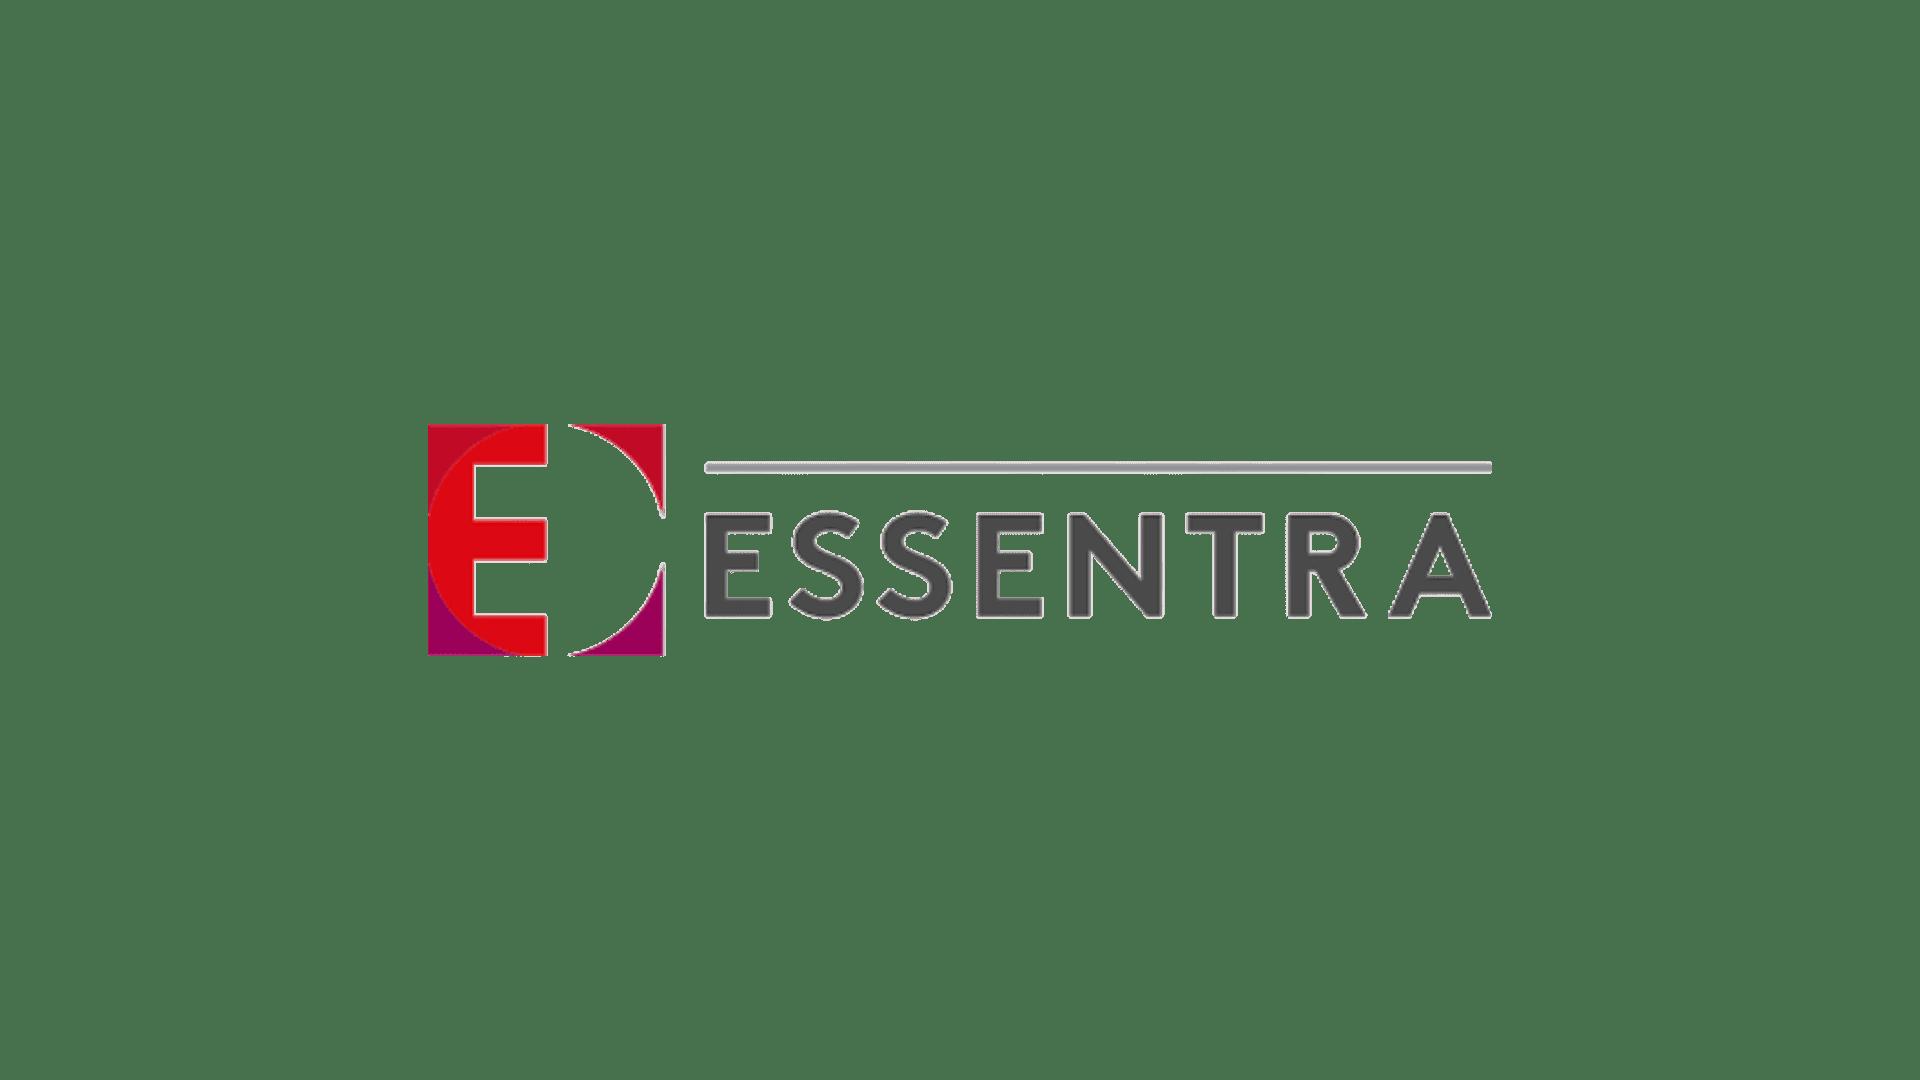 Essentra